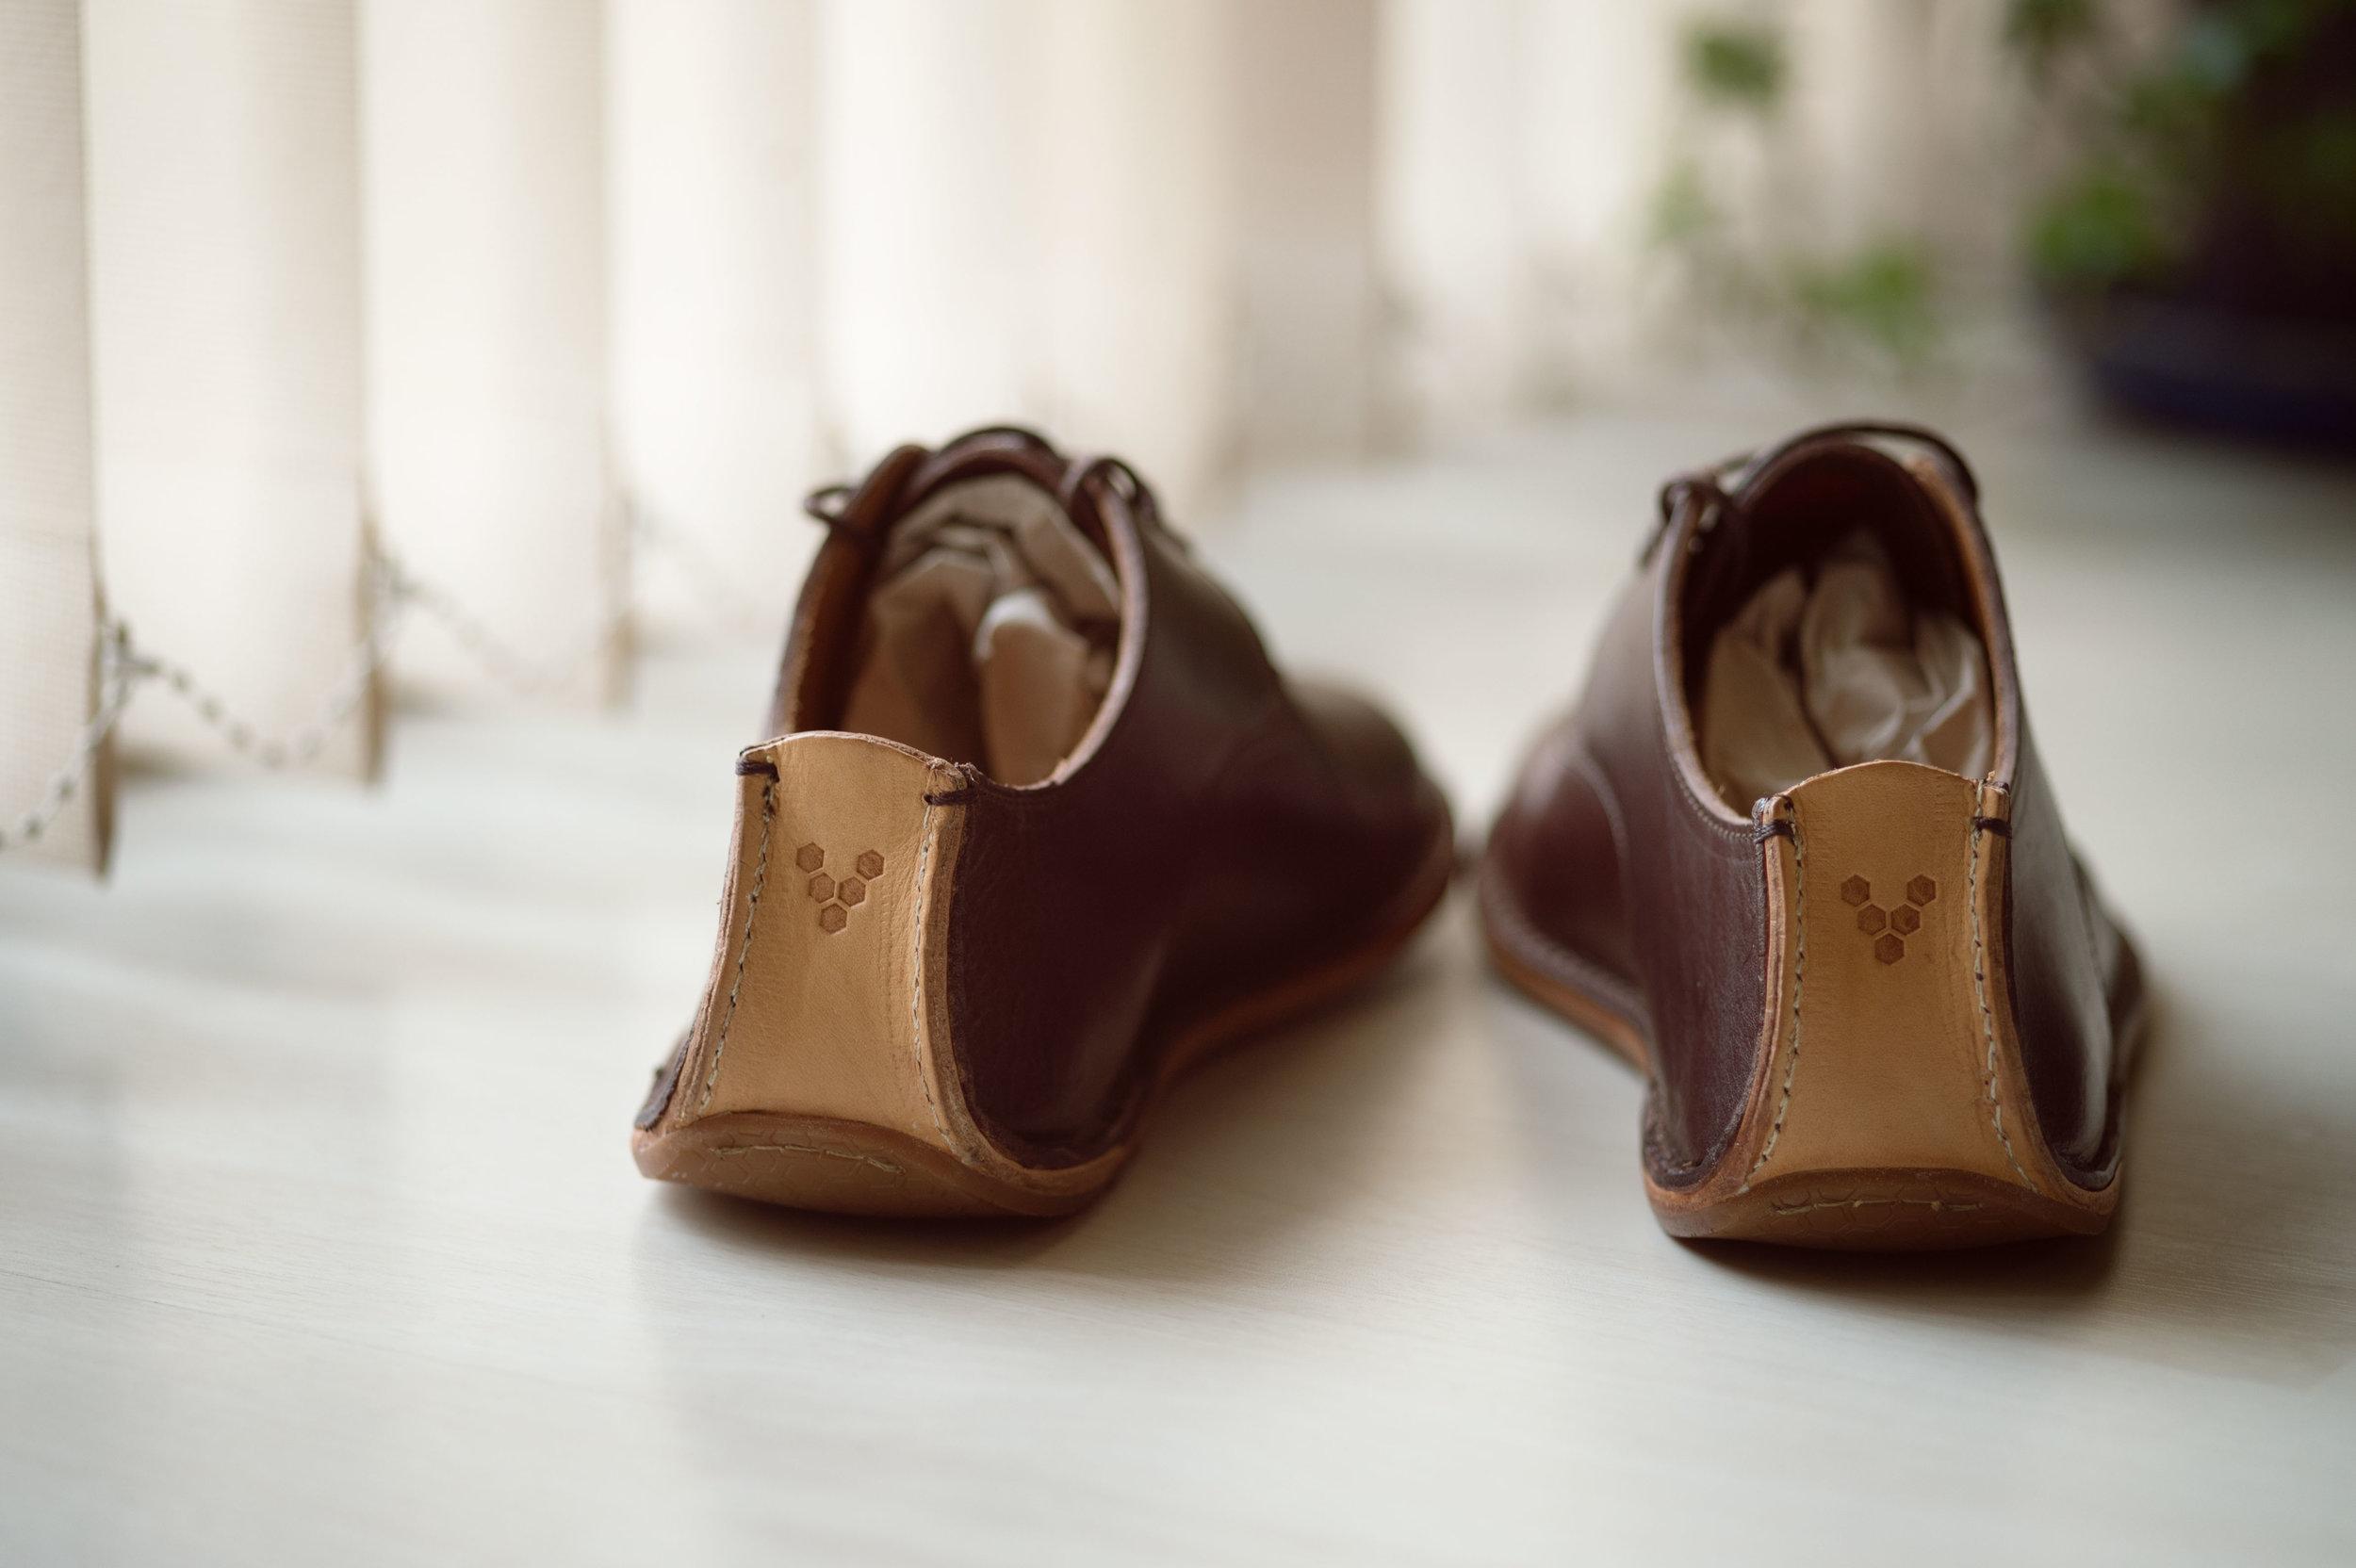 Barefoot_runner_office_shoes_thetrinerd_aniko_towers_photo-14.jpg